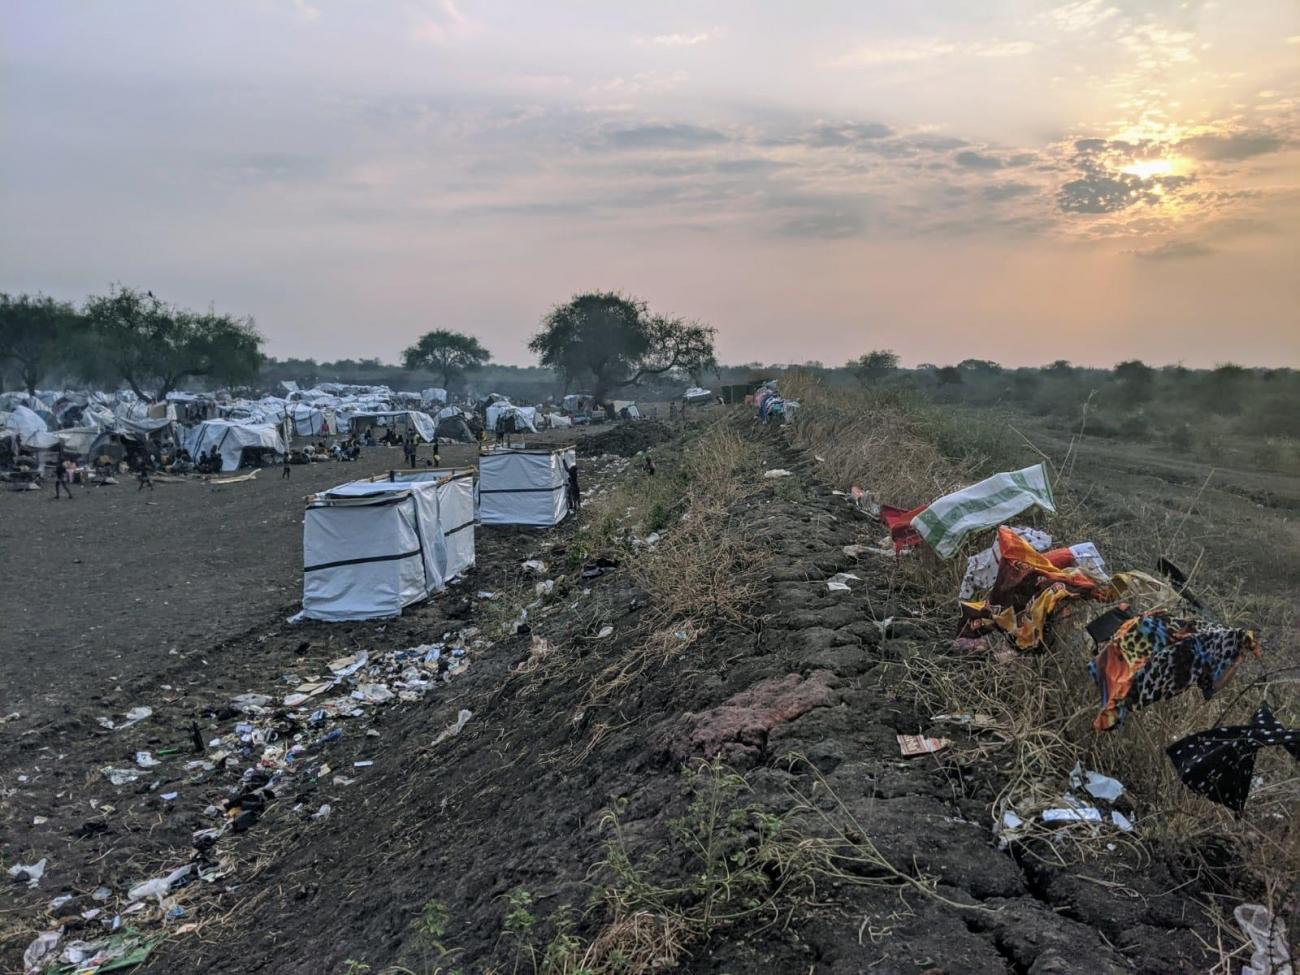 Site de protection des civils à Pibor, dans l'État de Jonglei, Soudan du Sud.  © MSF